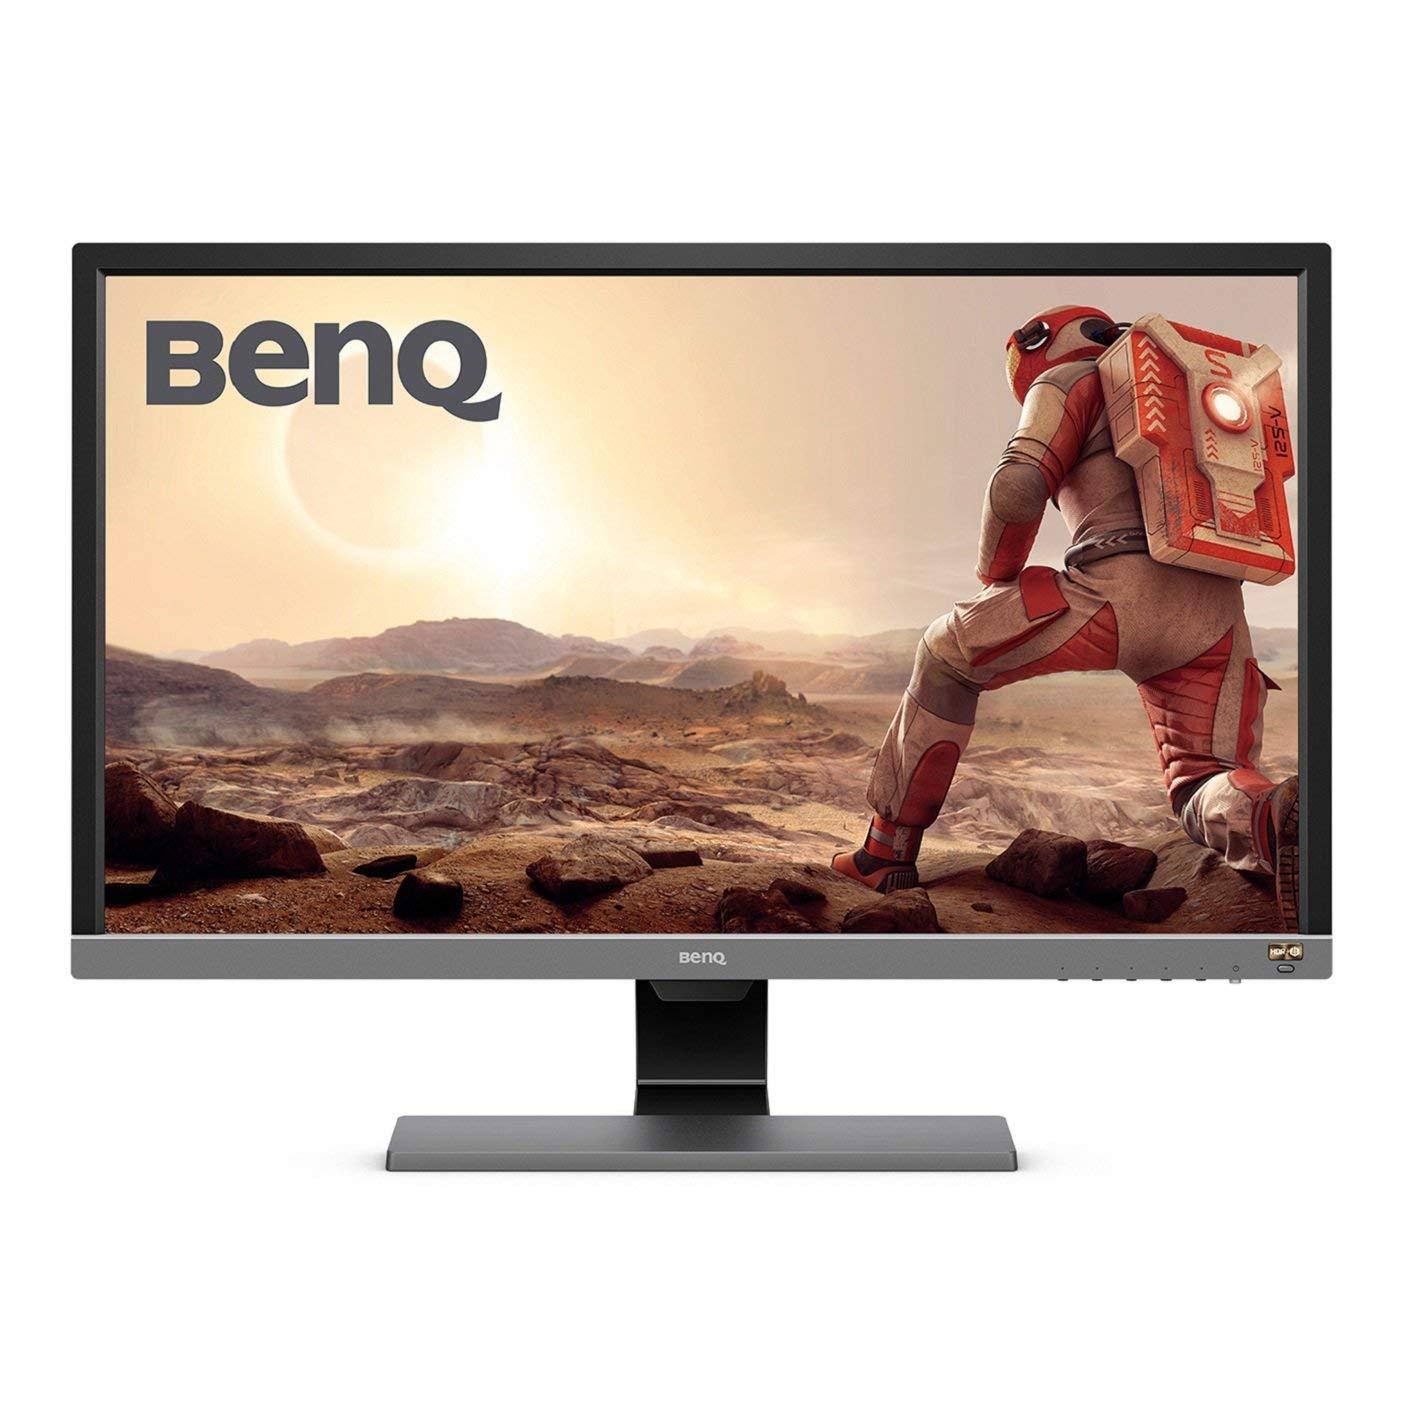 """[amazon.uk] BenQ EL2870U  - 27,9"""" 4K UHD Monitor (3840x2160, HDR10, AMD FreeSync, VESA, 1ms, TN, 60 Hz, 10bit) Grau"""